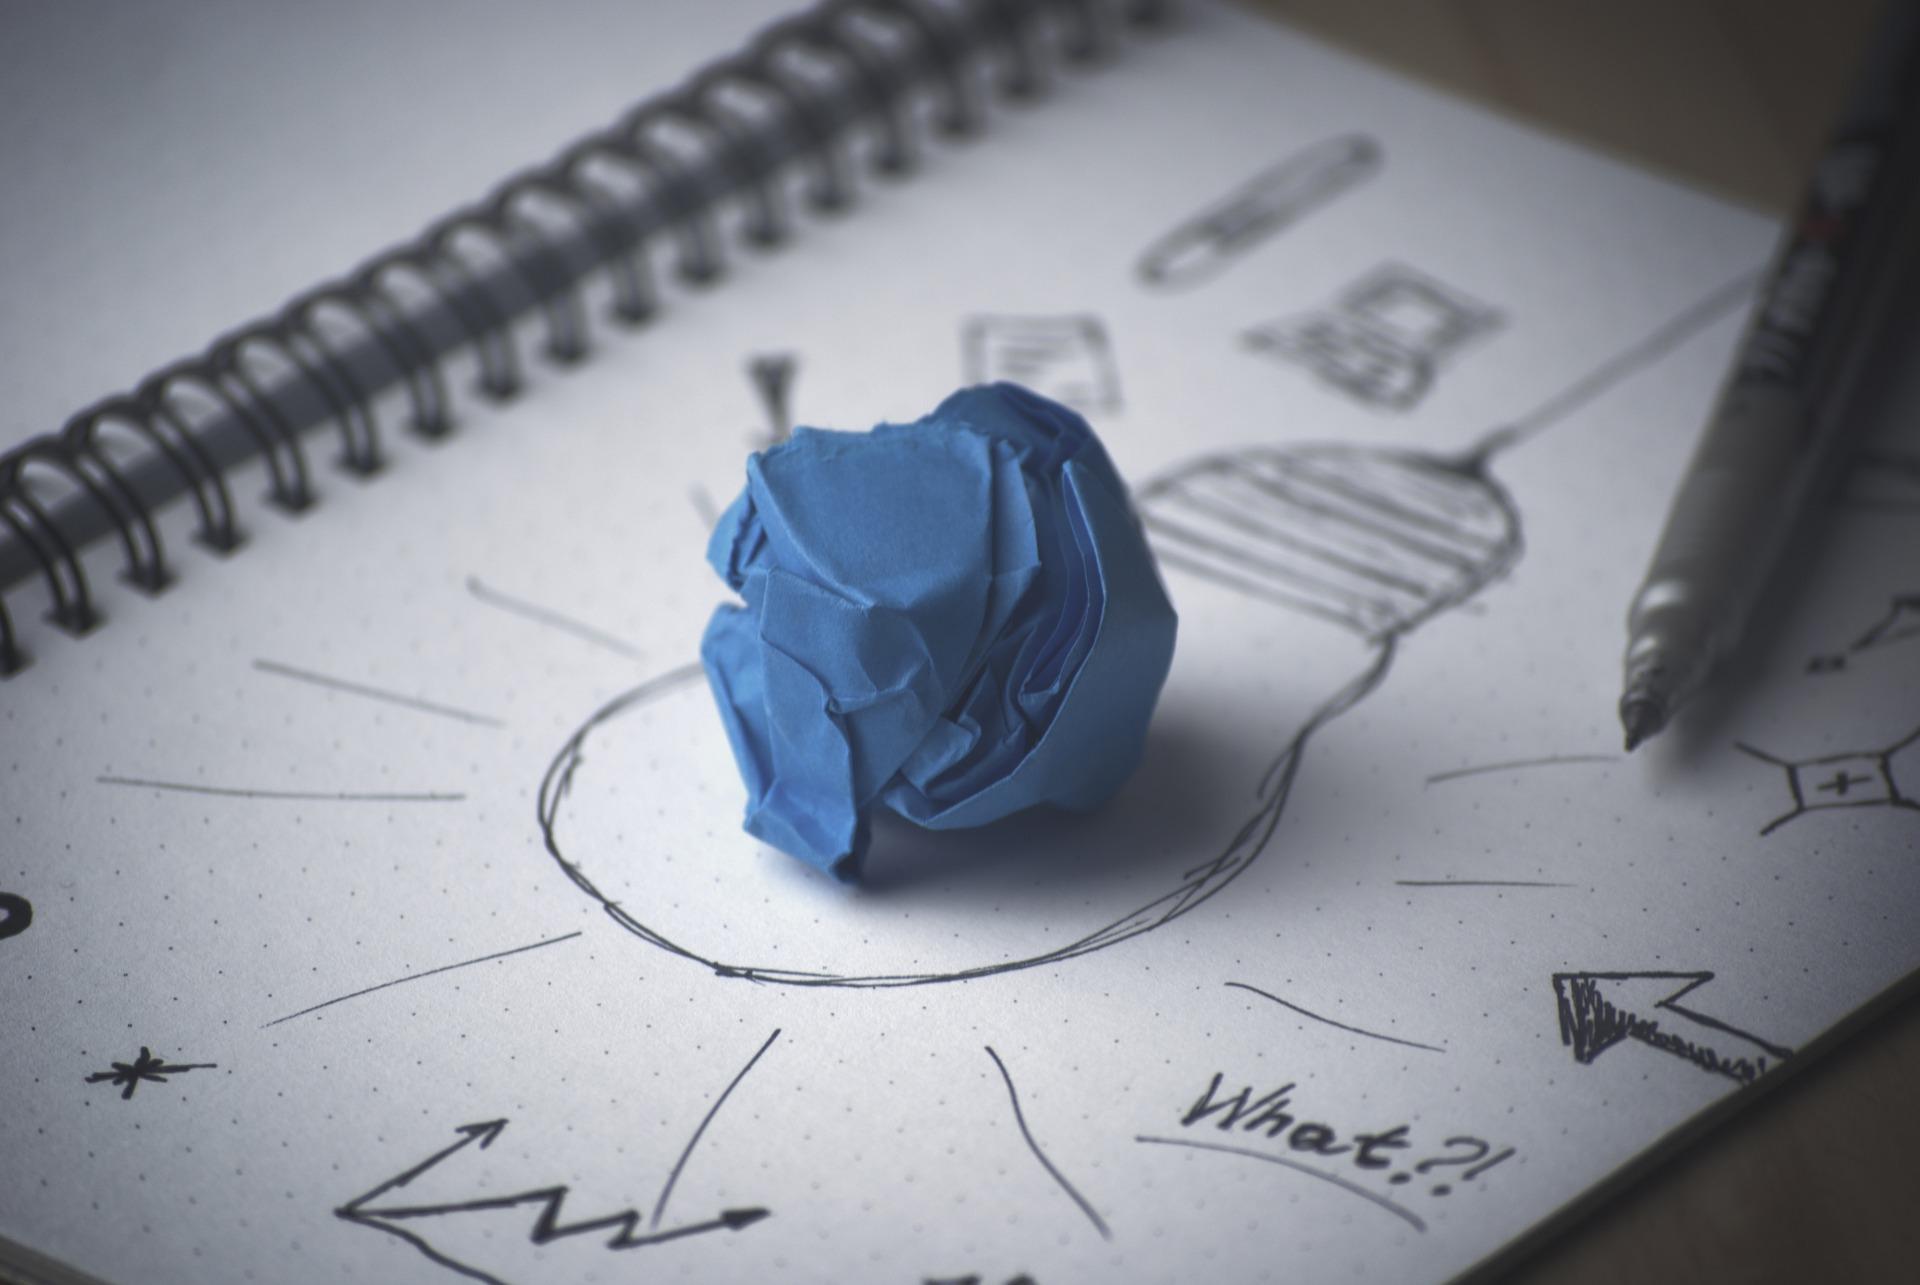 التفكير التصميمي: تعلم طريقة جديدة للتفكير